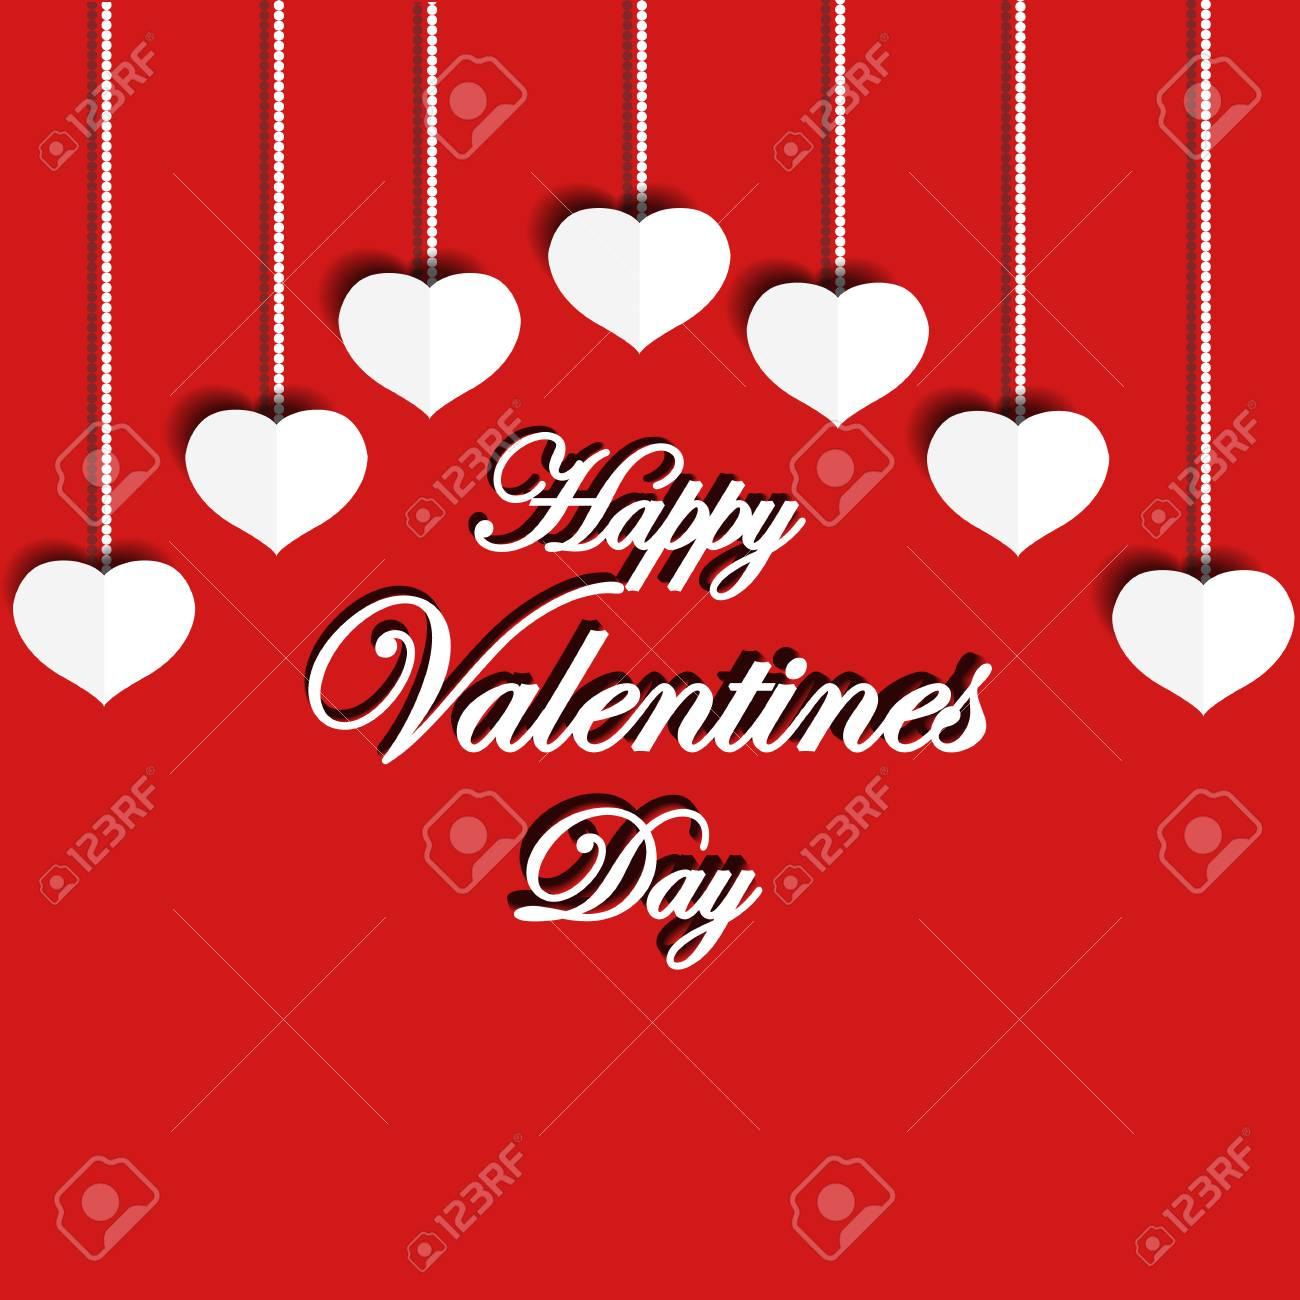 Feliz Dia Dos Namorados Frase De Saudação Mão De Desenho Vetorial Cartão Com Letras